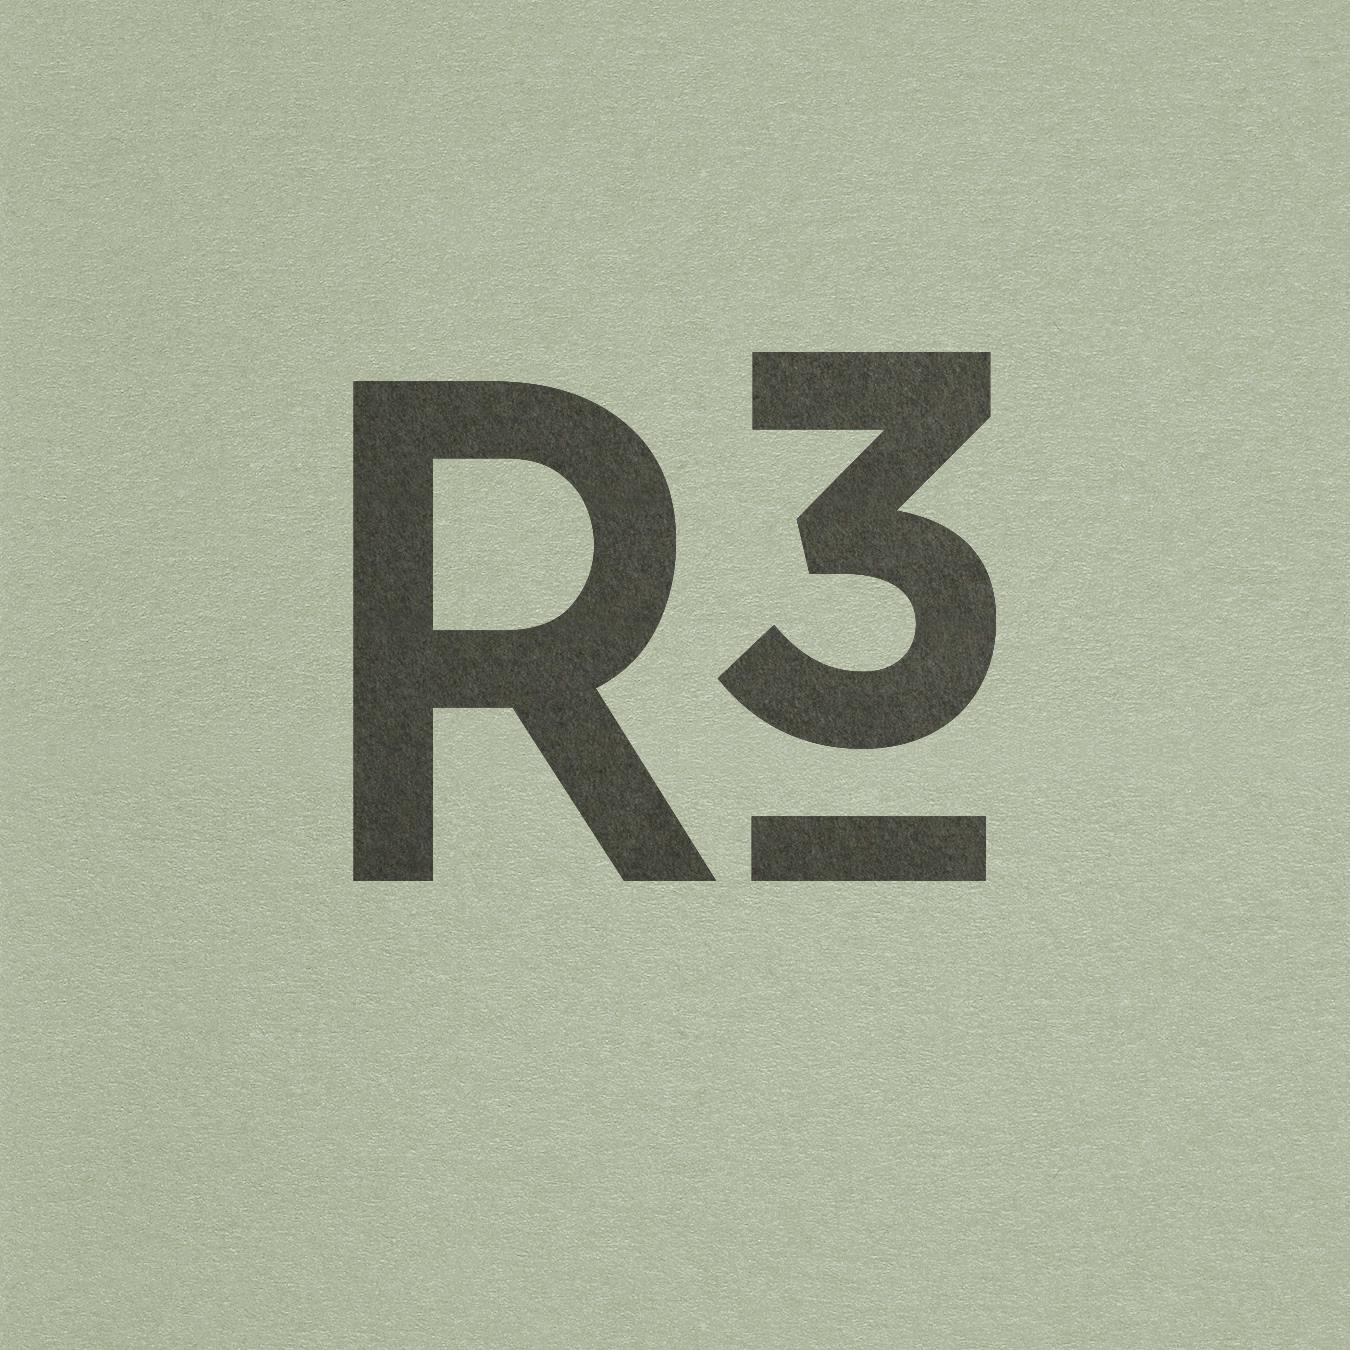 RRR_R3